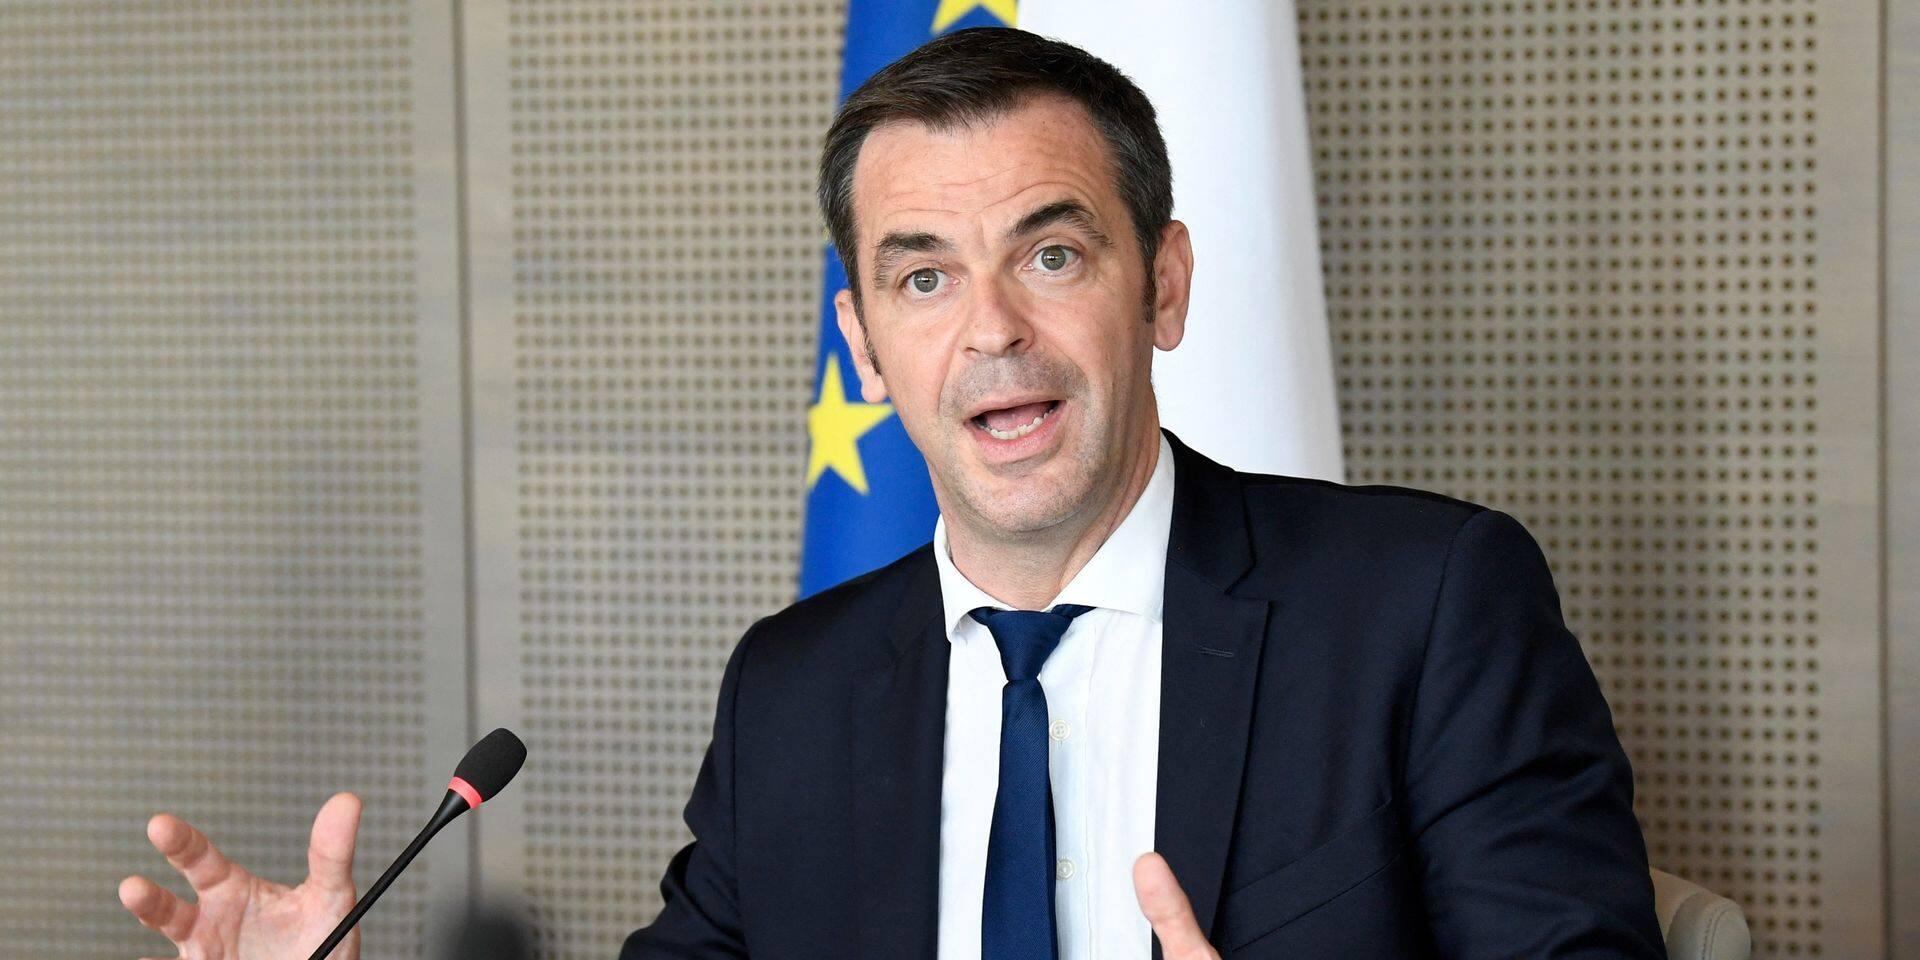 """Les contaminations explosent à nouveau en France: 18.000 cas dans les dernières 24 heures, """"stabilisation prudente"""" au Pays-Bas"""